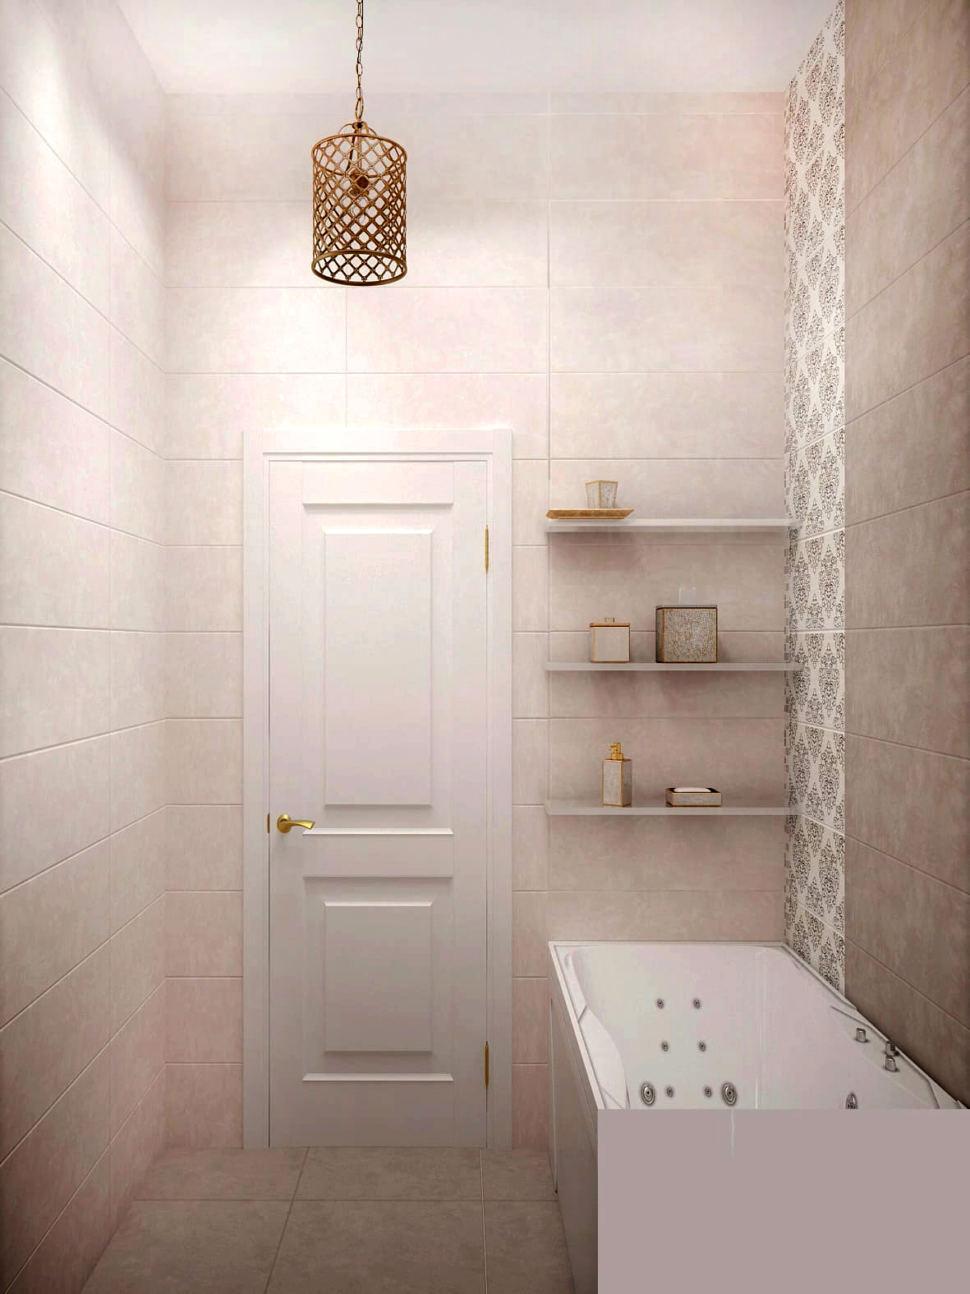 Дизайн-проект ванной комнаты 3 кв.м в теплых тонах, ванна, бежевая плитка, люстра, открытые полки